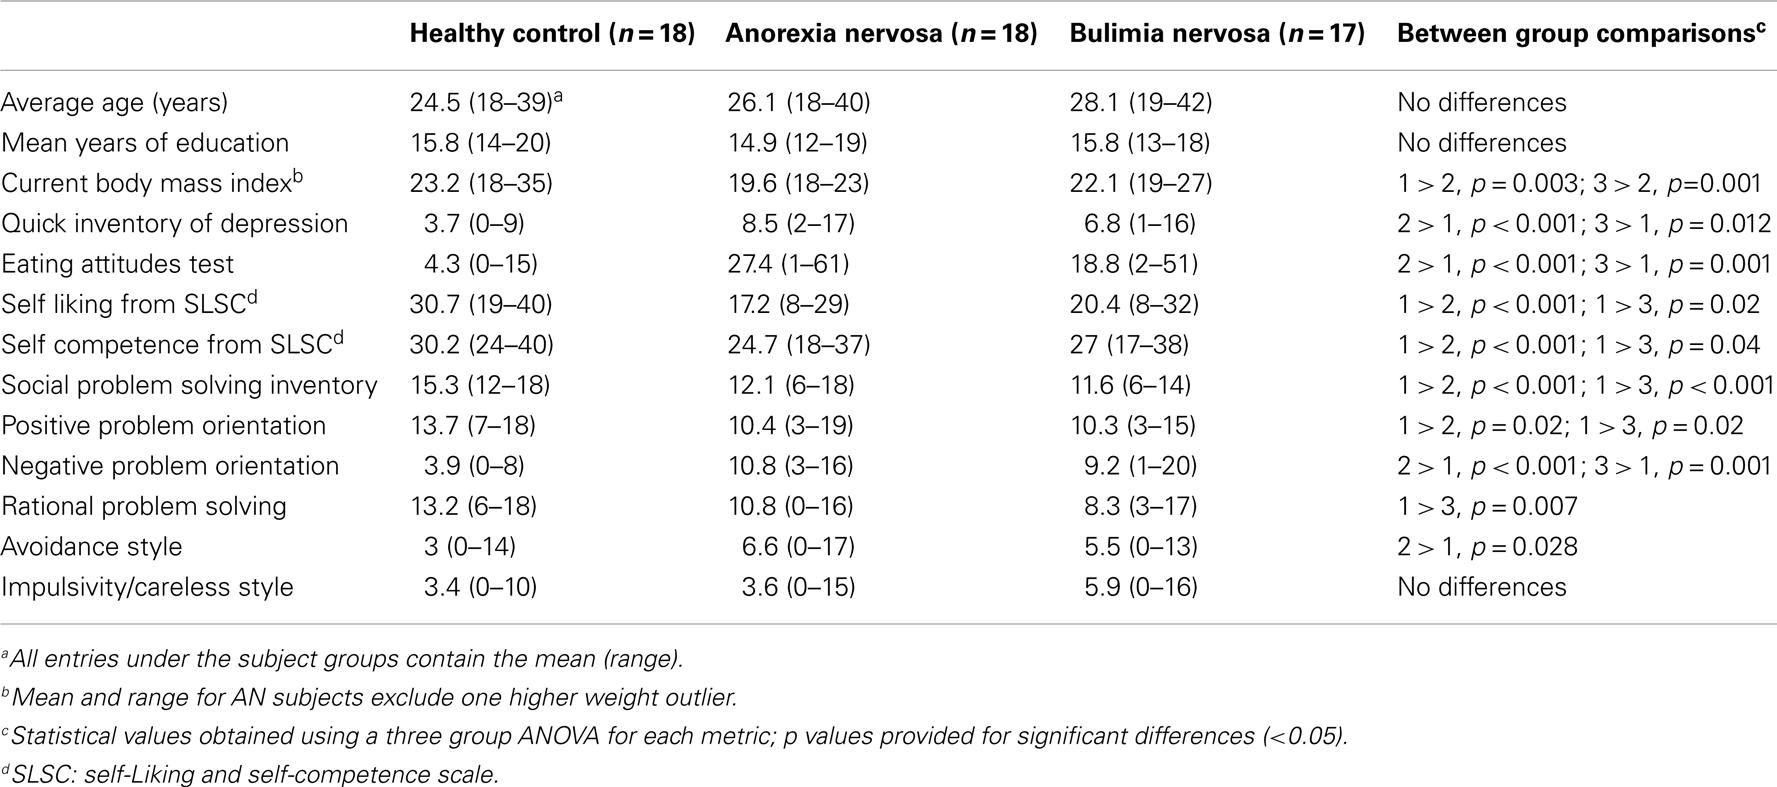 bulimia nervosa research paper